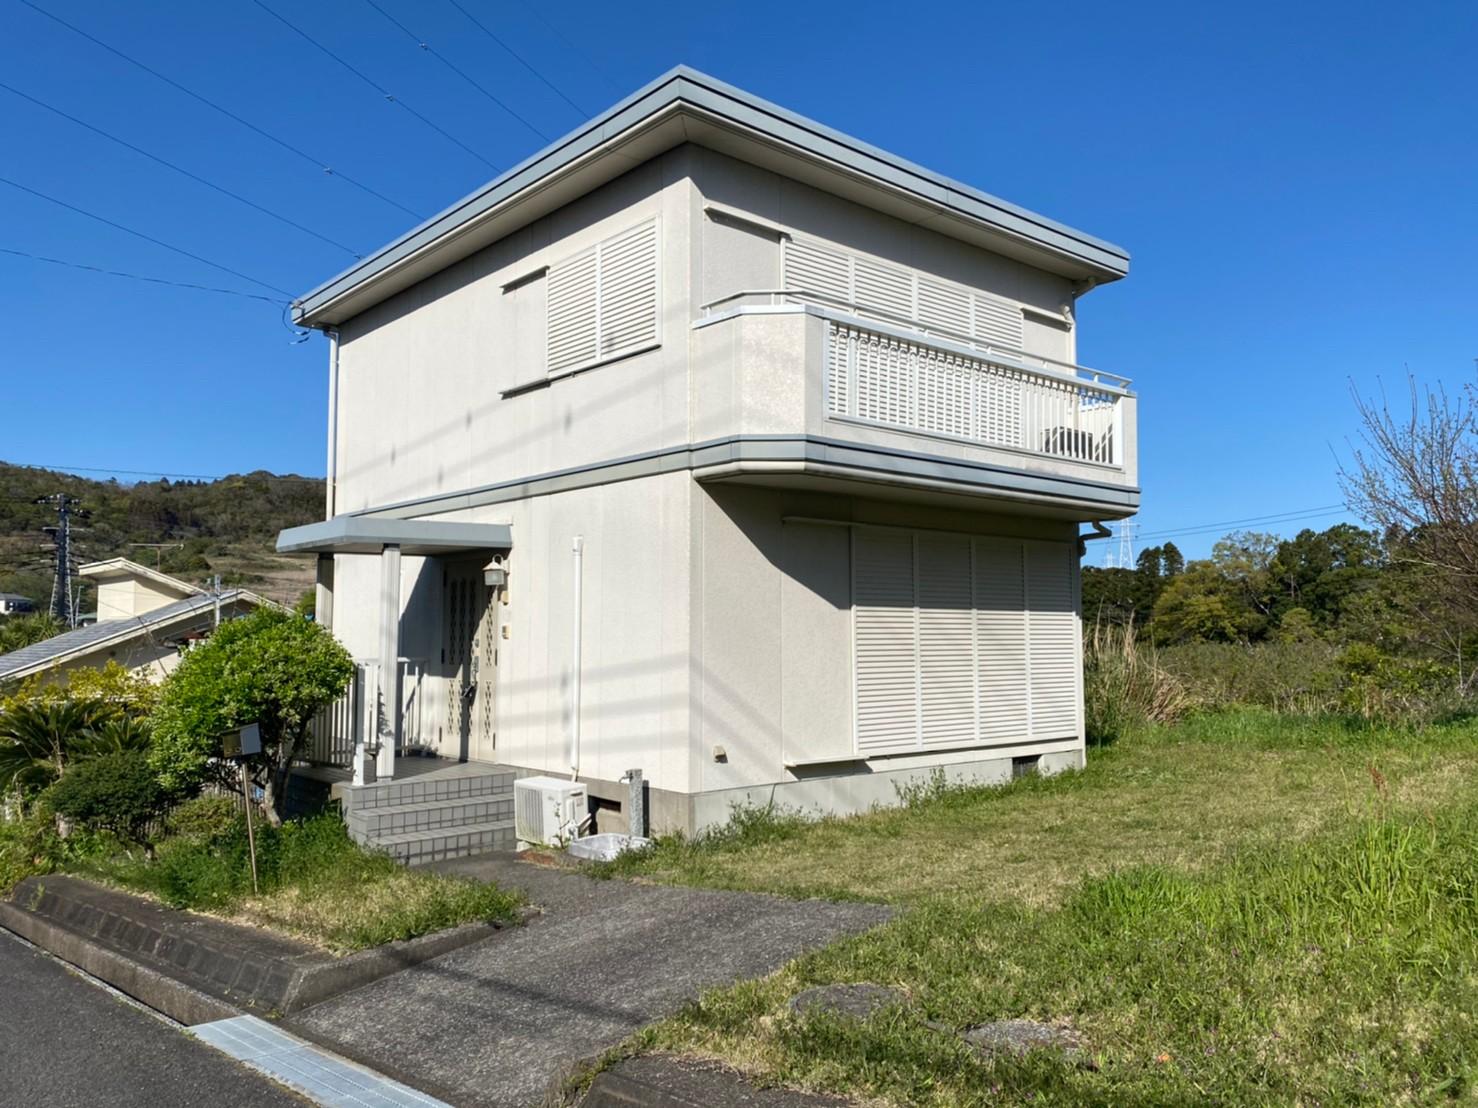 ニューサンクレメンテ別荘分譲地内の実用戸建